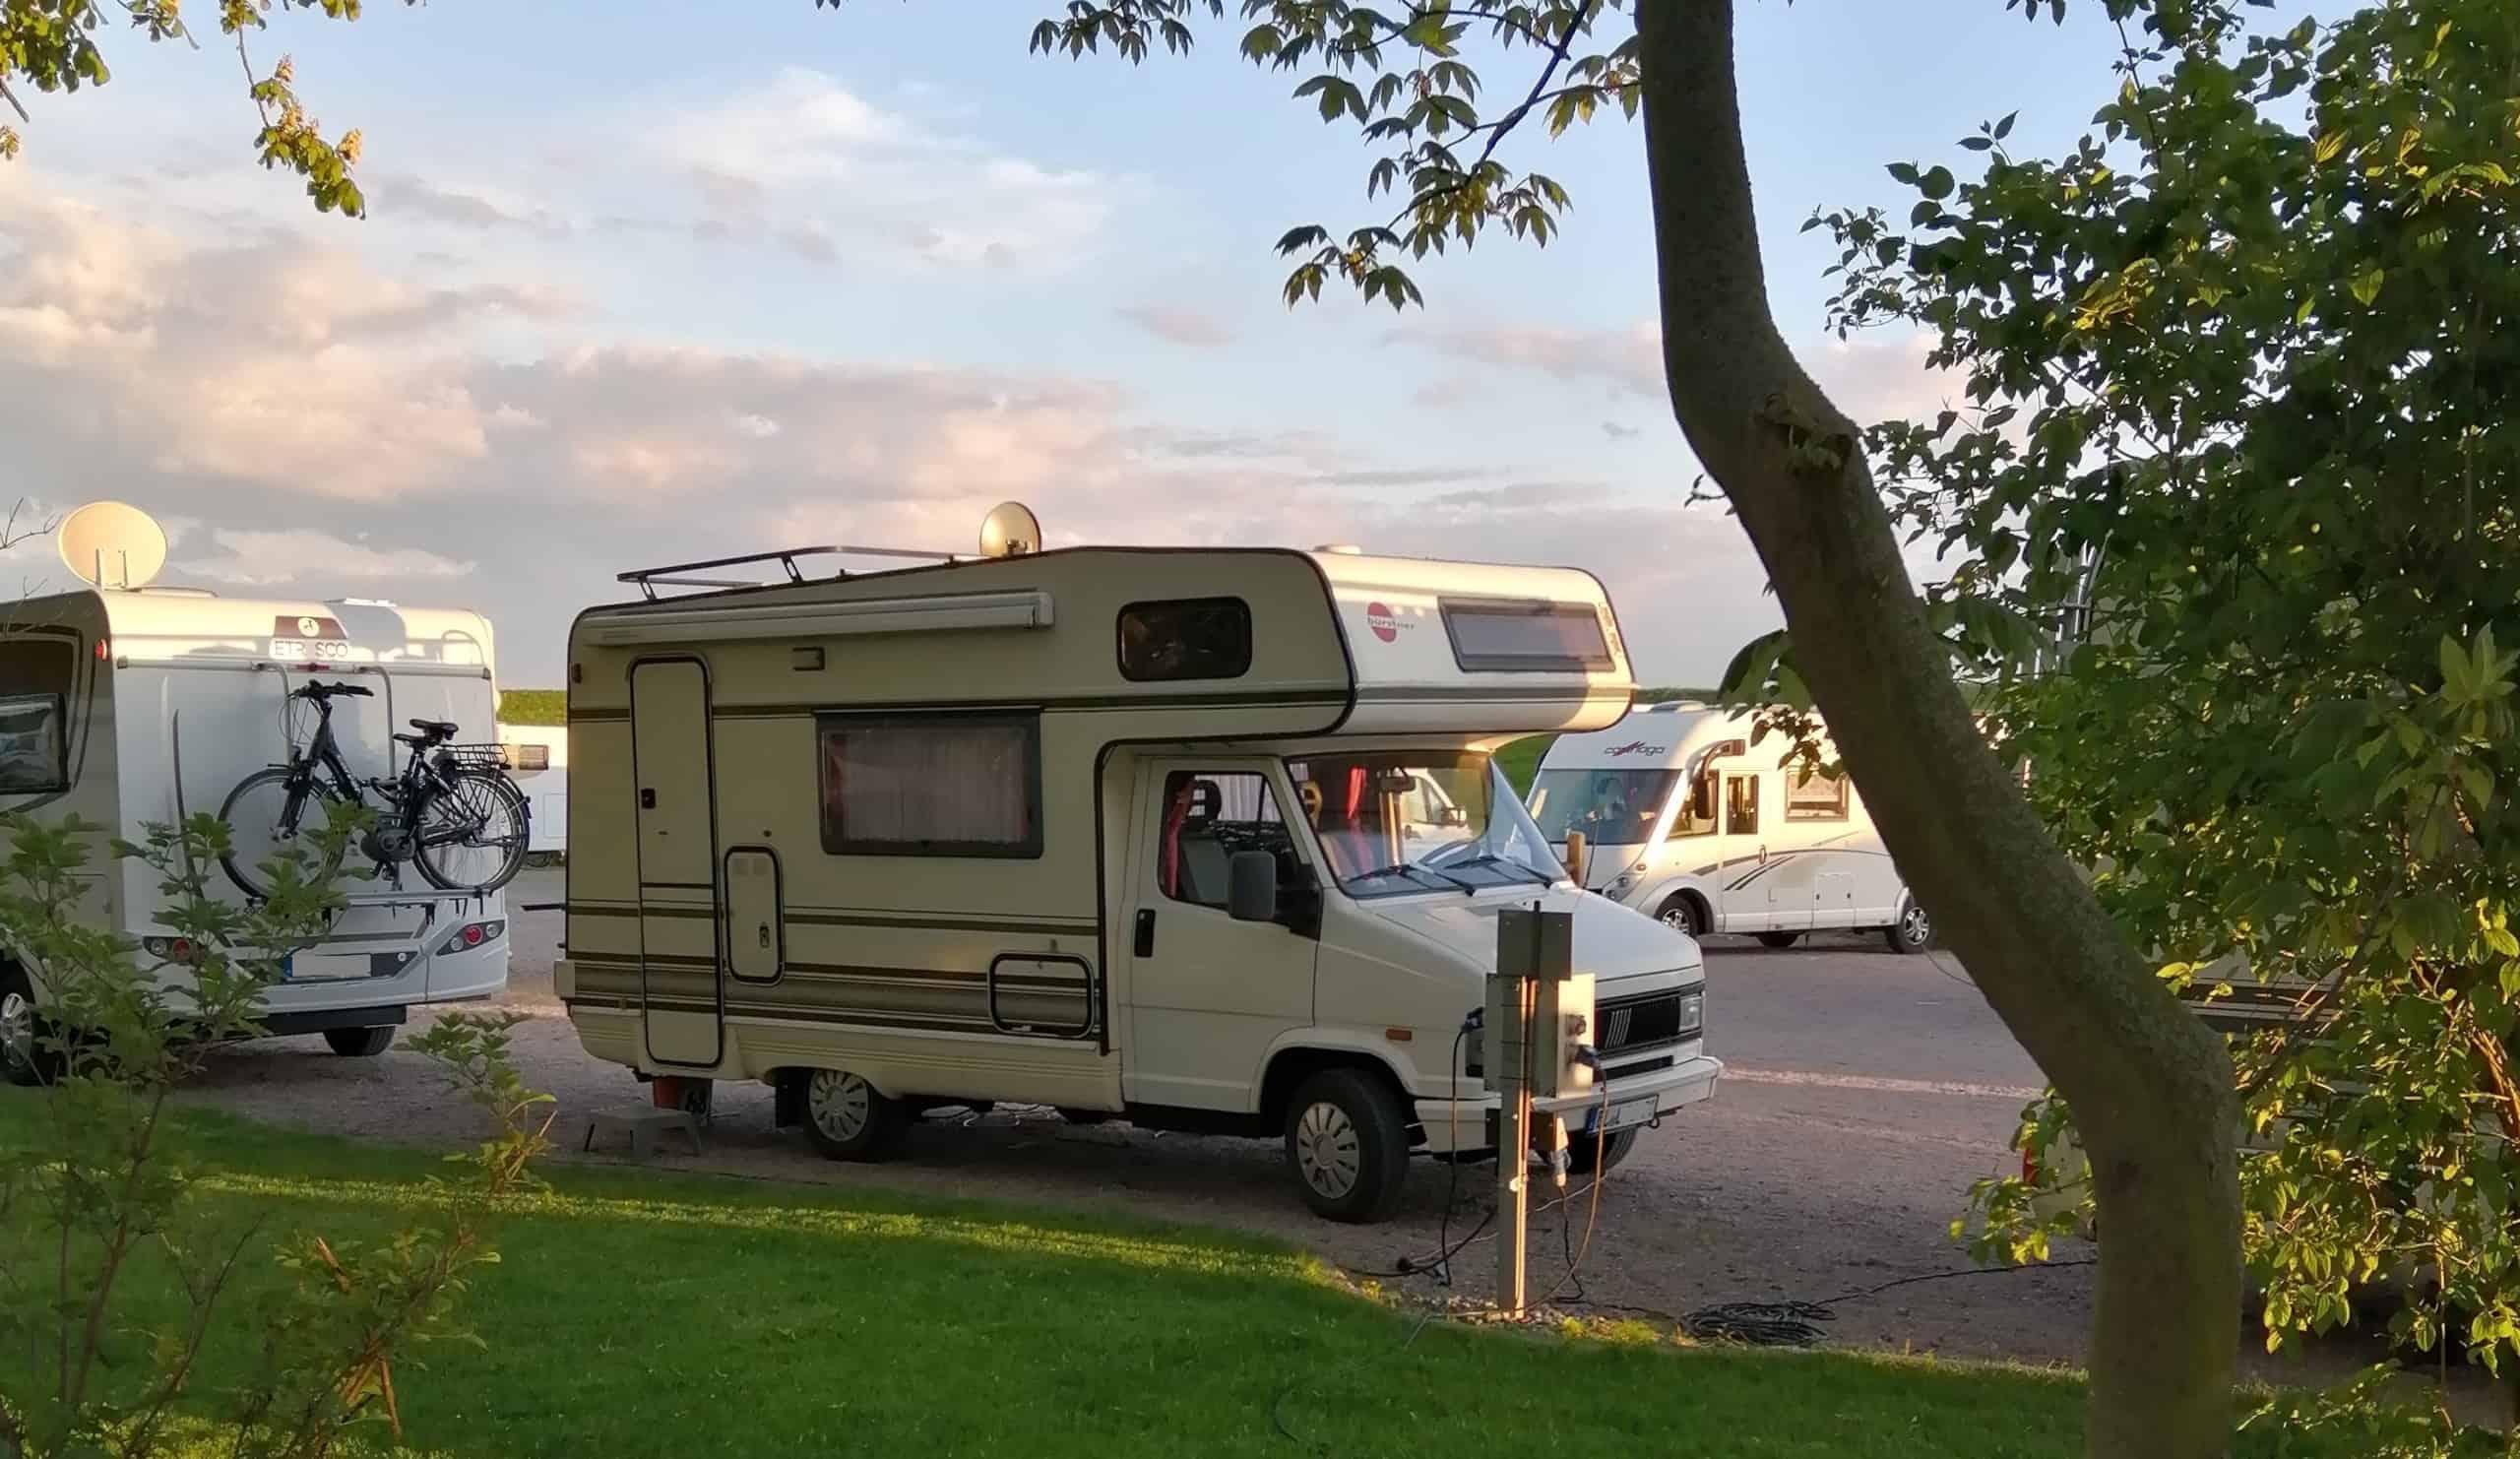 WLAN im Urlaub auf dem Campingplatz